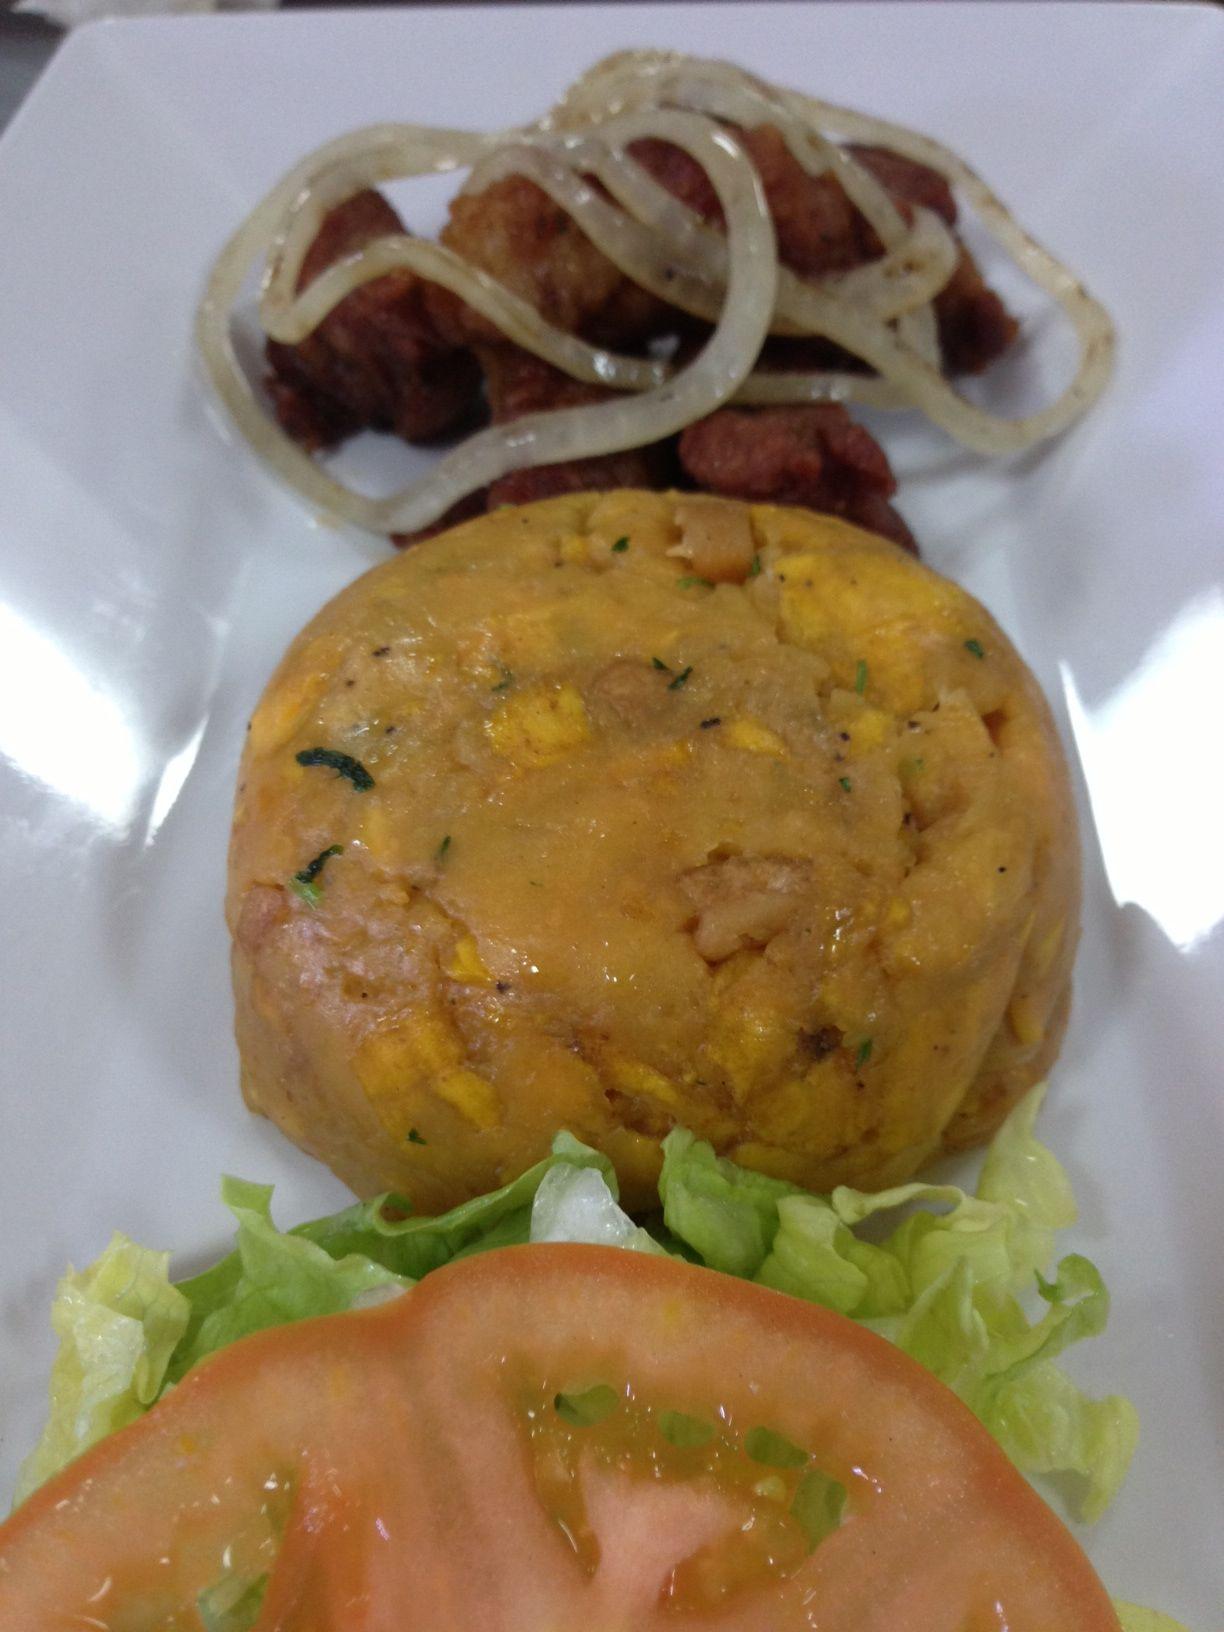 Mofongo de platano, carne de cerdo frita y ensalada verde